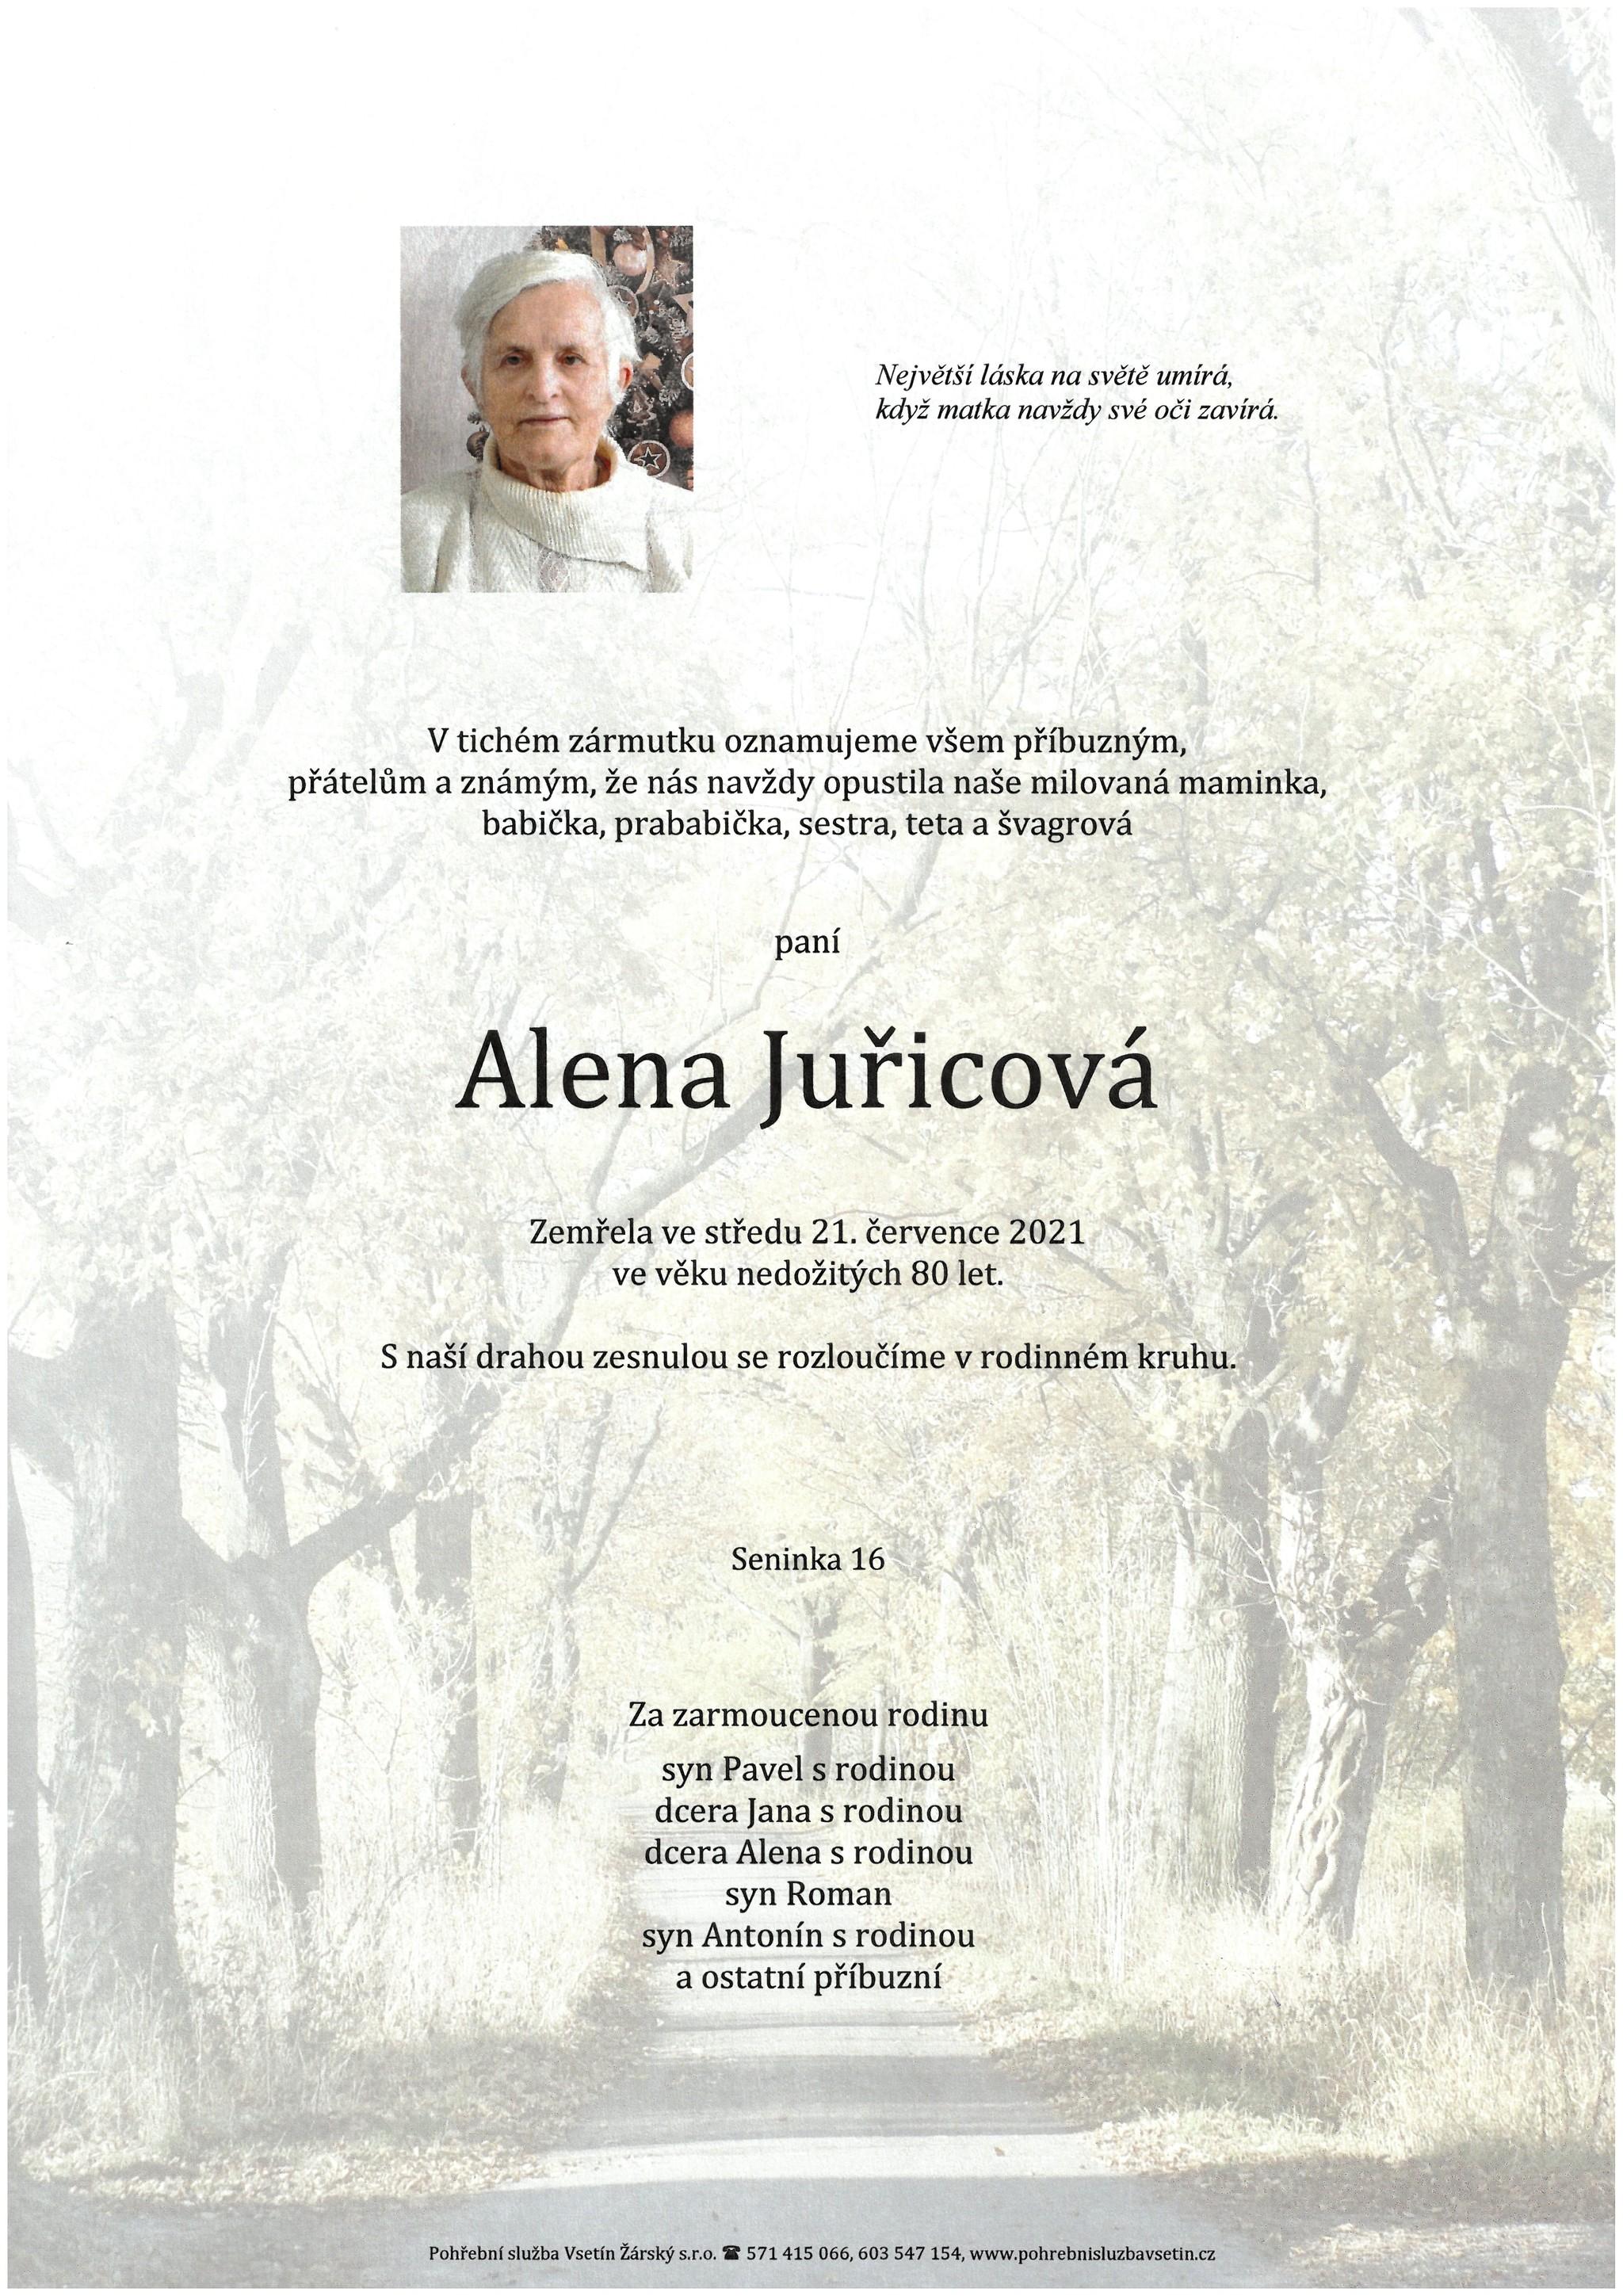 Alena Juřicová